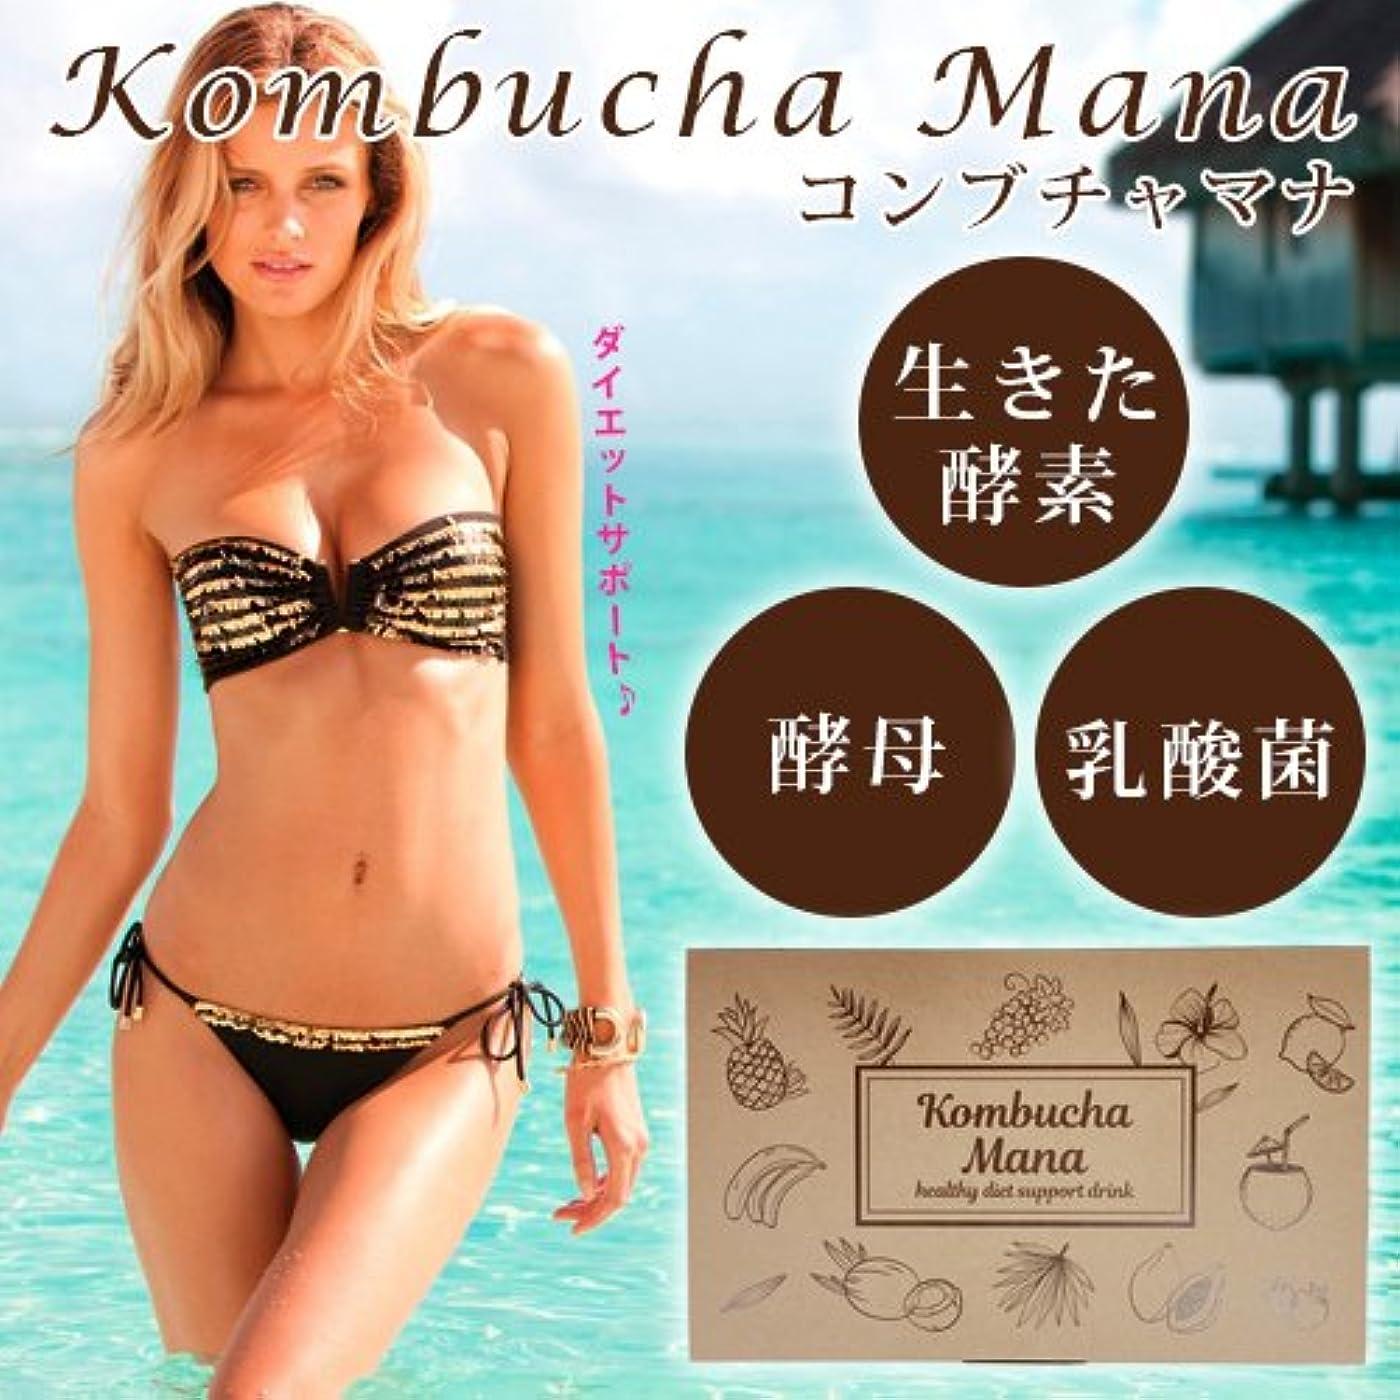 飼い慣らす上スクリューコンブチャマナ(Kombucha Mana)ダイエットクレンジングドリンク (1箱)